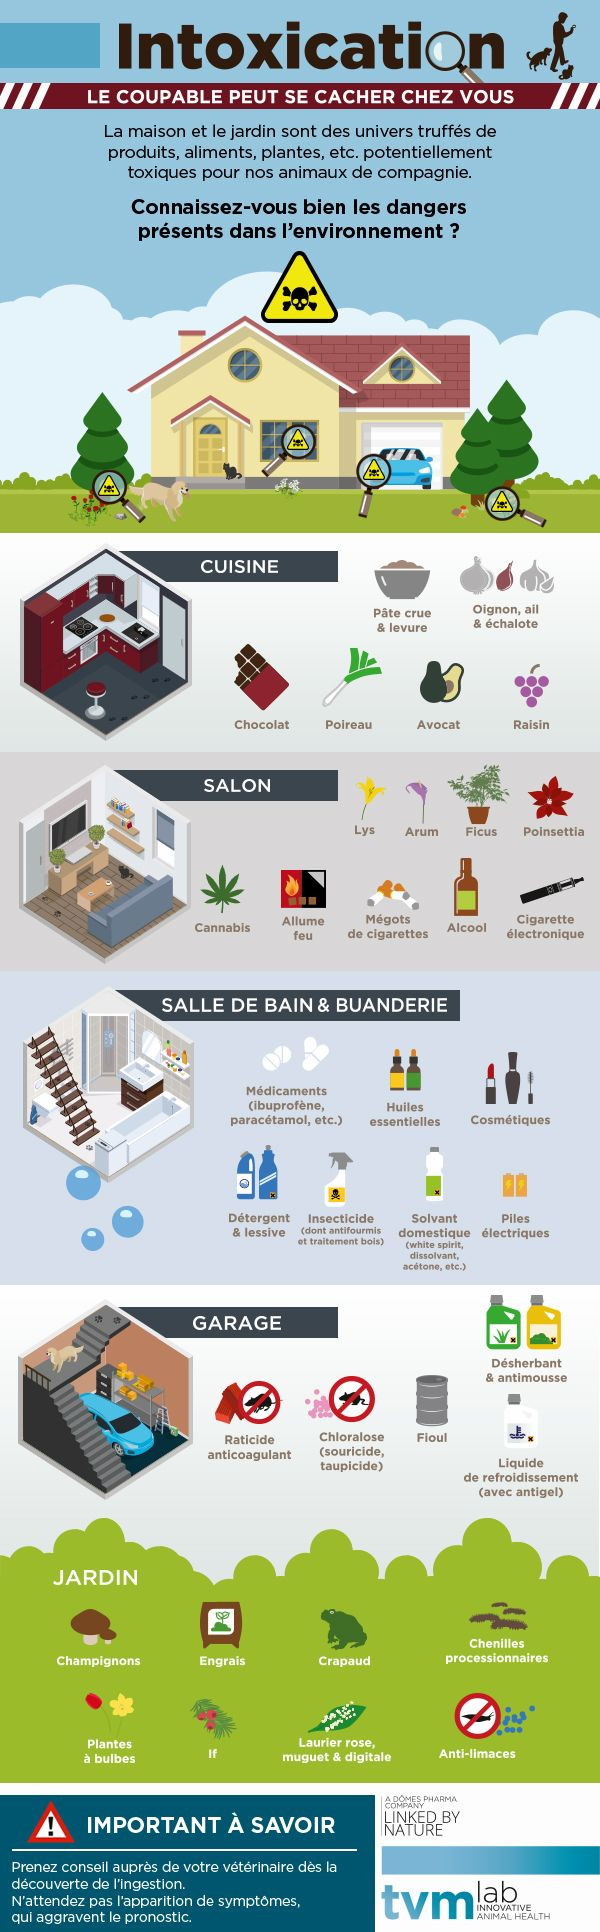 Intoxication du chien et du chat : quels poisons se cachent à votre domicile ? - 12 juillet 2016 - Sciencesetavenir.fr